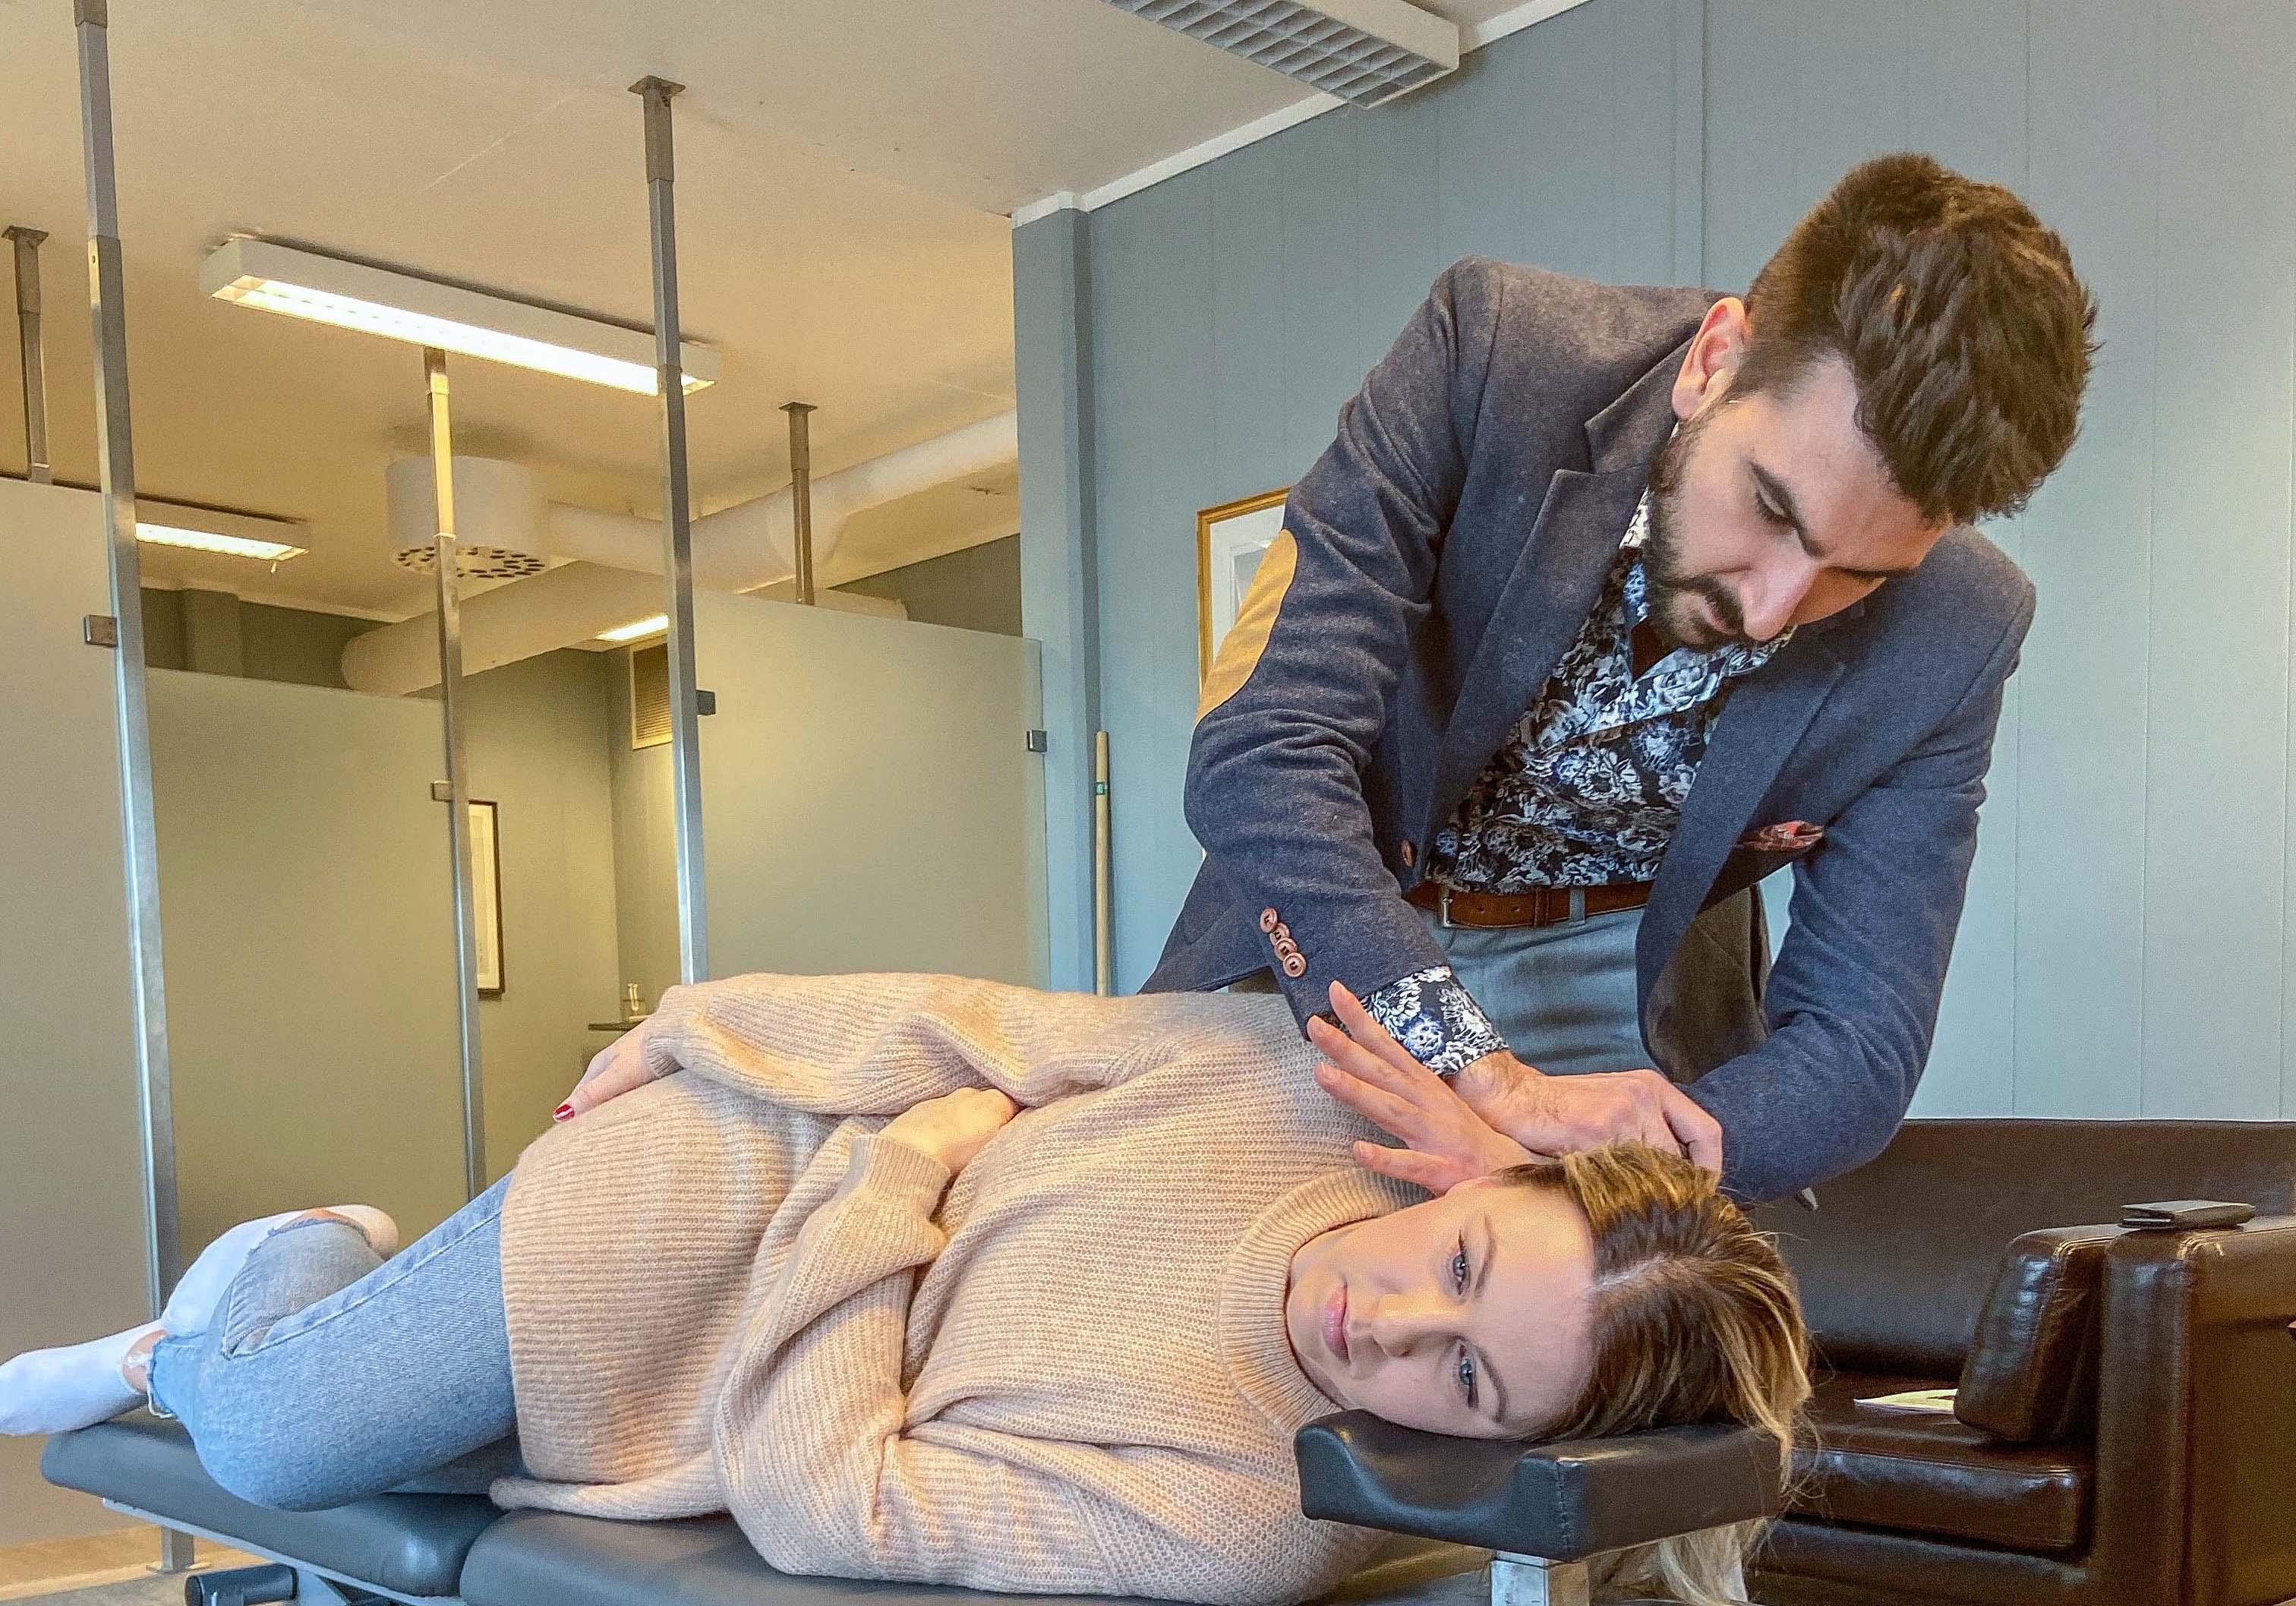 HISTORIE: F.v: Kiropraktor Jonathan Verderame Og Elisabeth Berg ønsker å Få Frem Elisabeths Historie For å Vise At Man Ikke Skal Gi Opp.